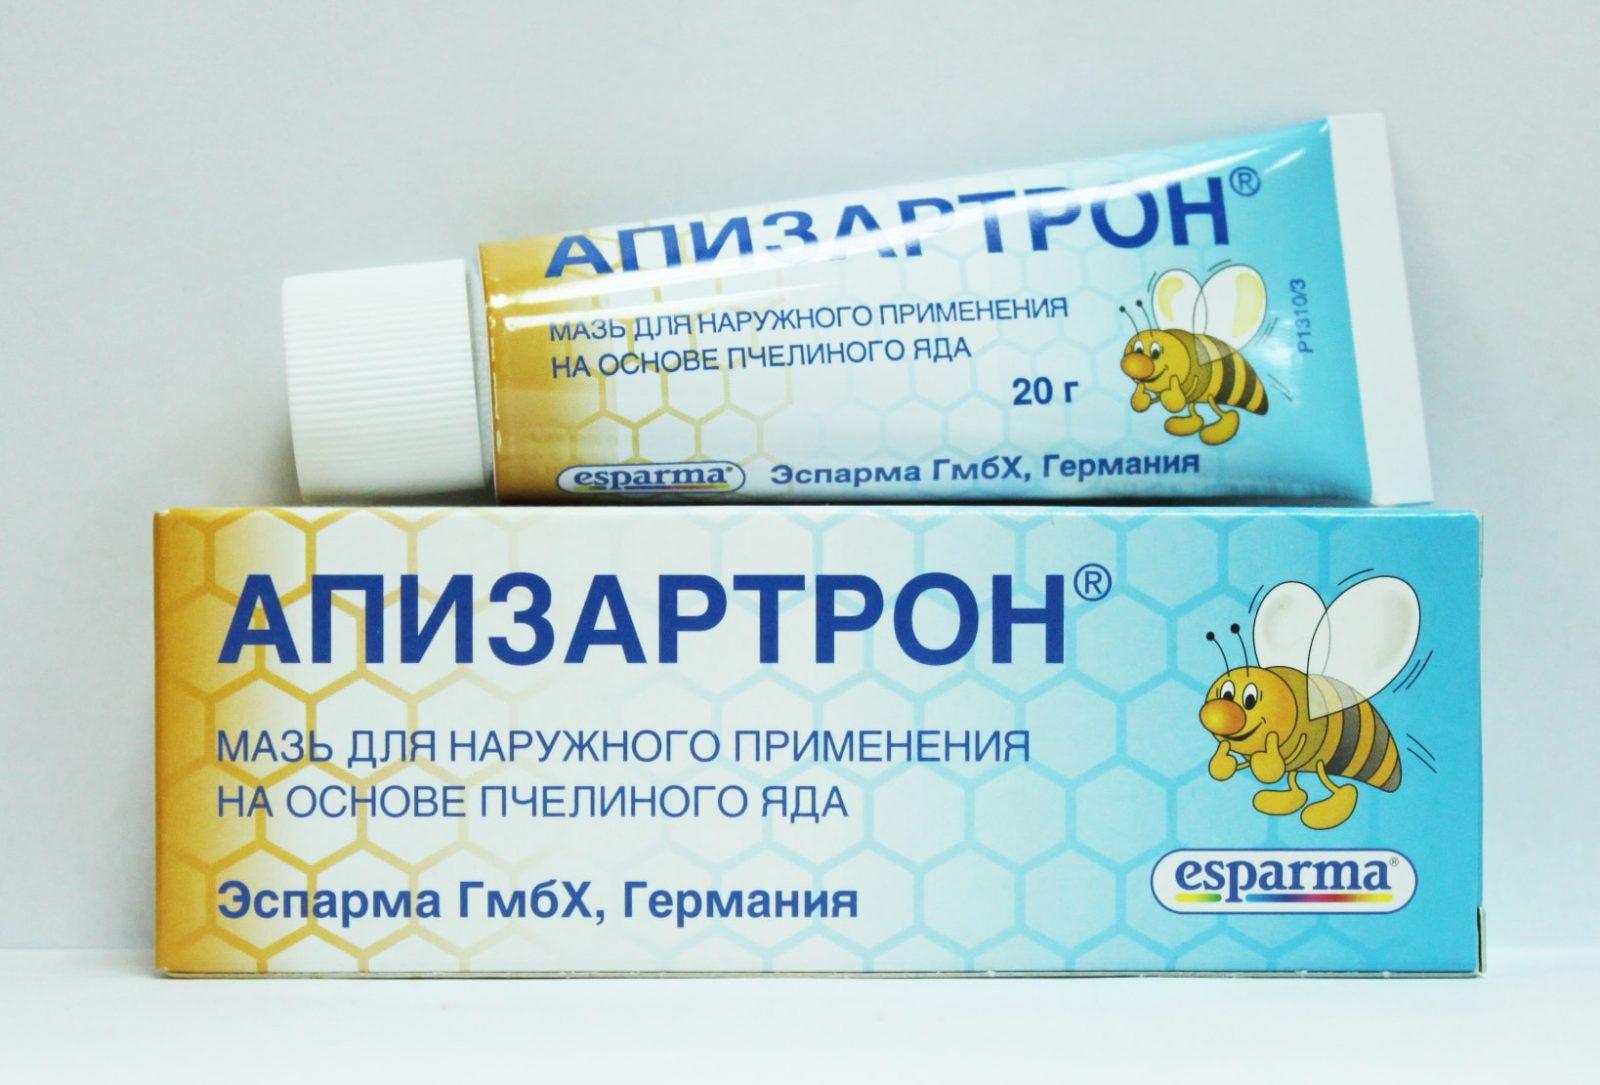 Мазь в упаковке - Апизартрон